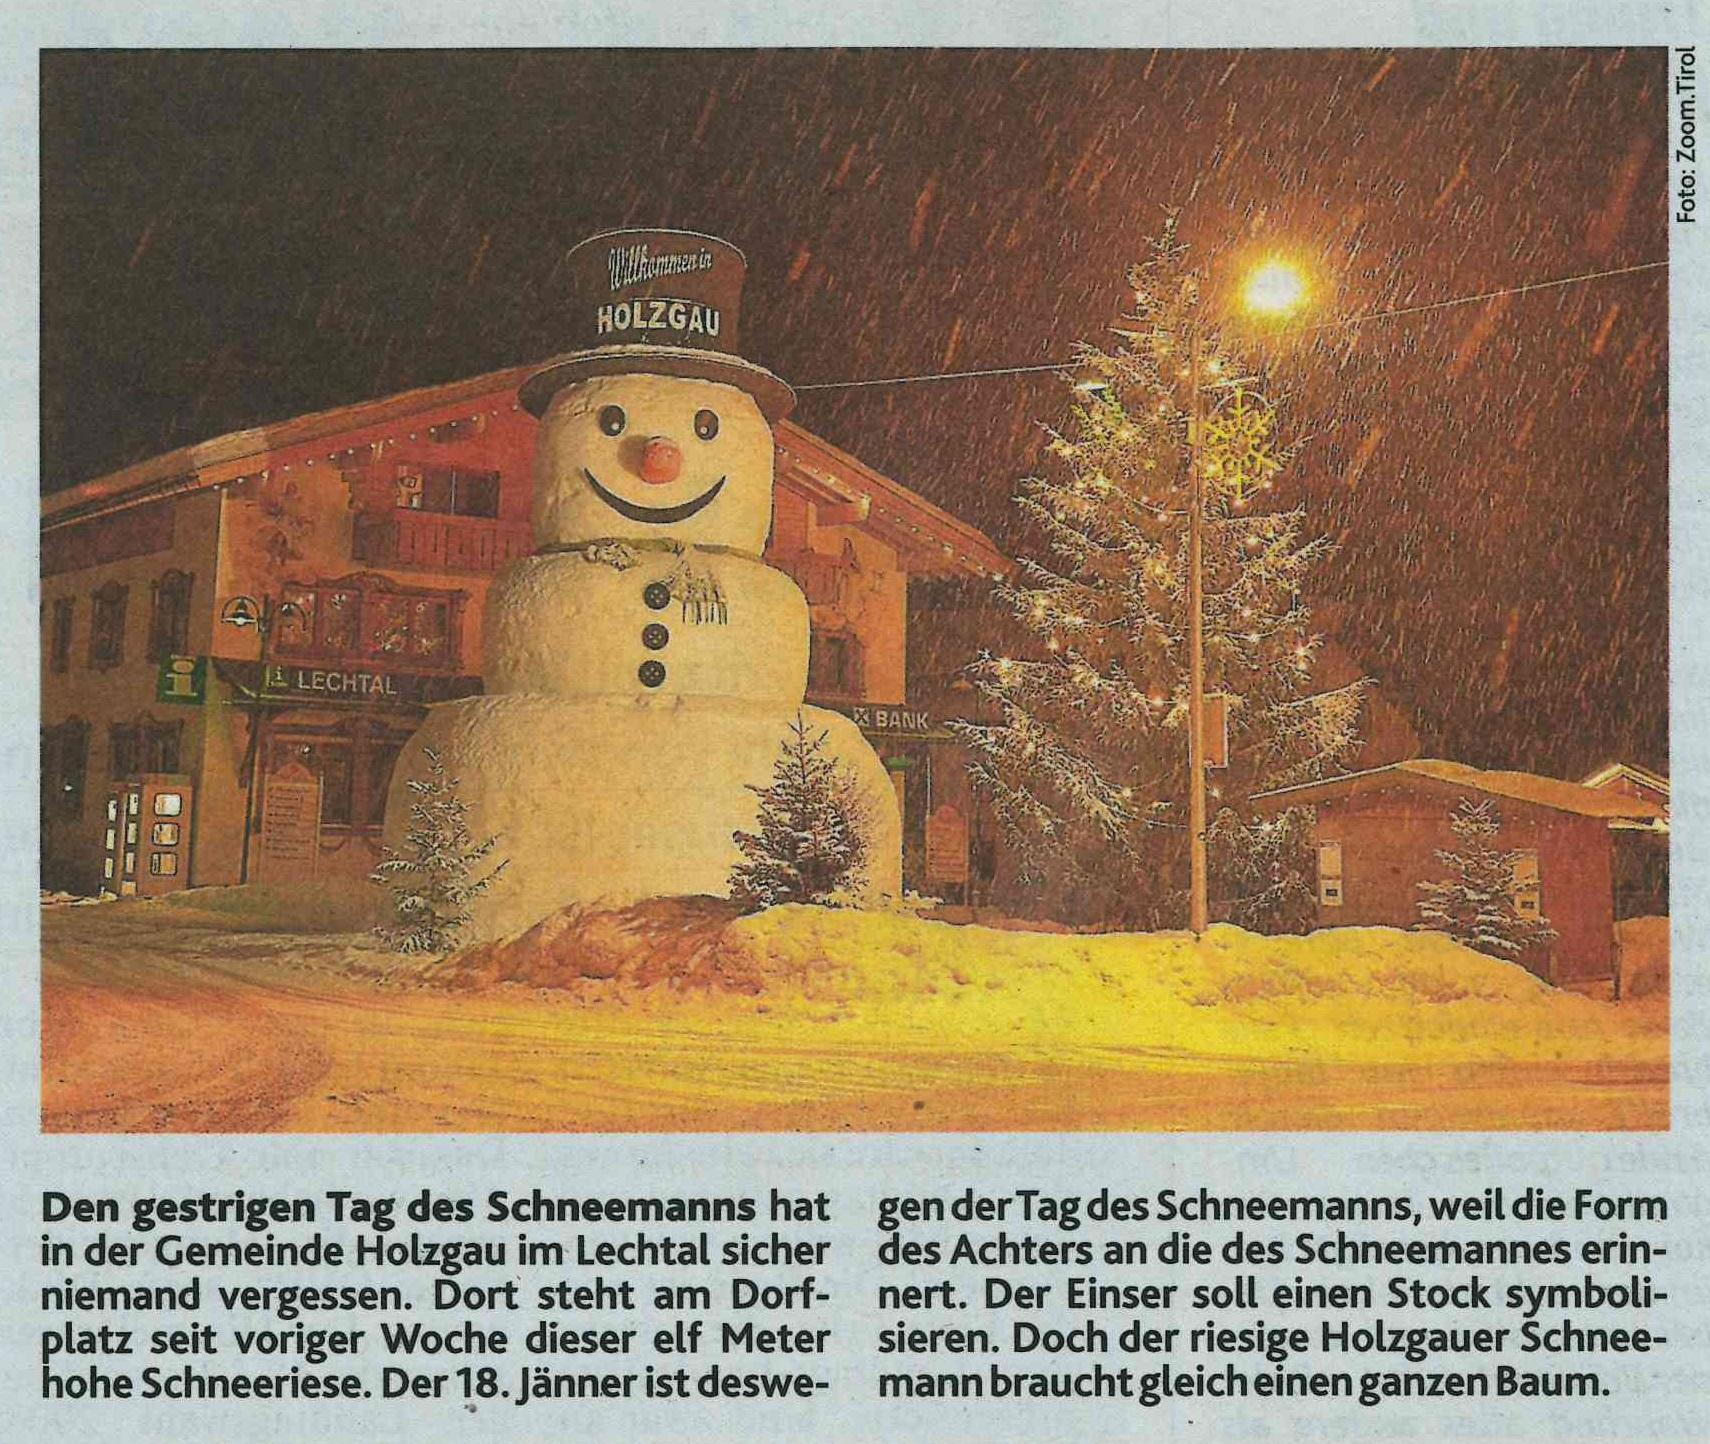 Schneemann in Holzgau.